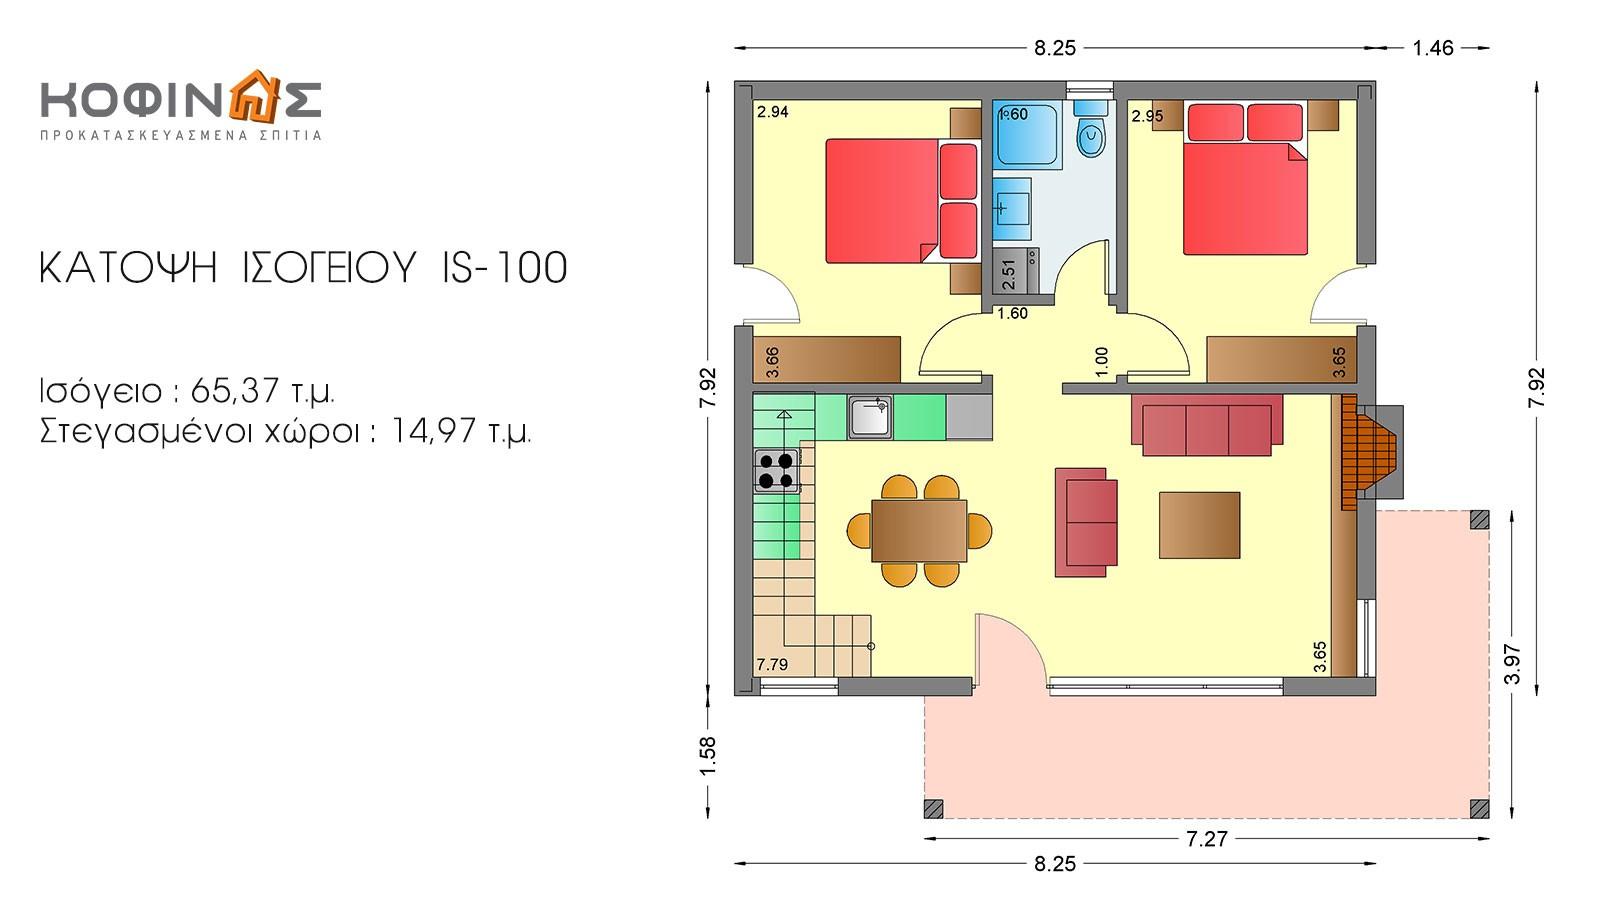 Ισόγεια Κατοικία με Σοφίτα IS-100, συνολικής επιφάνειας 100,37 τ.μ.